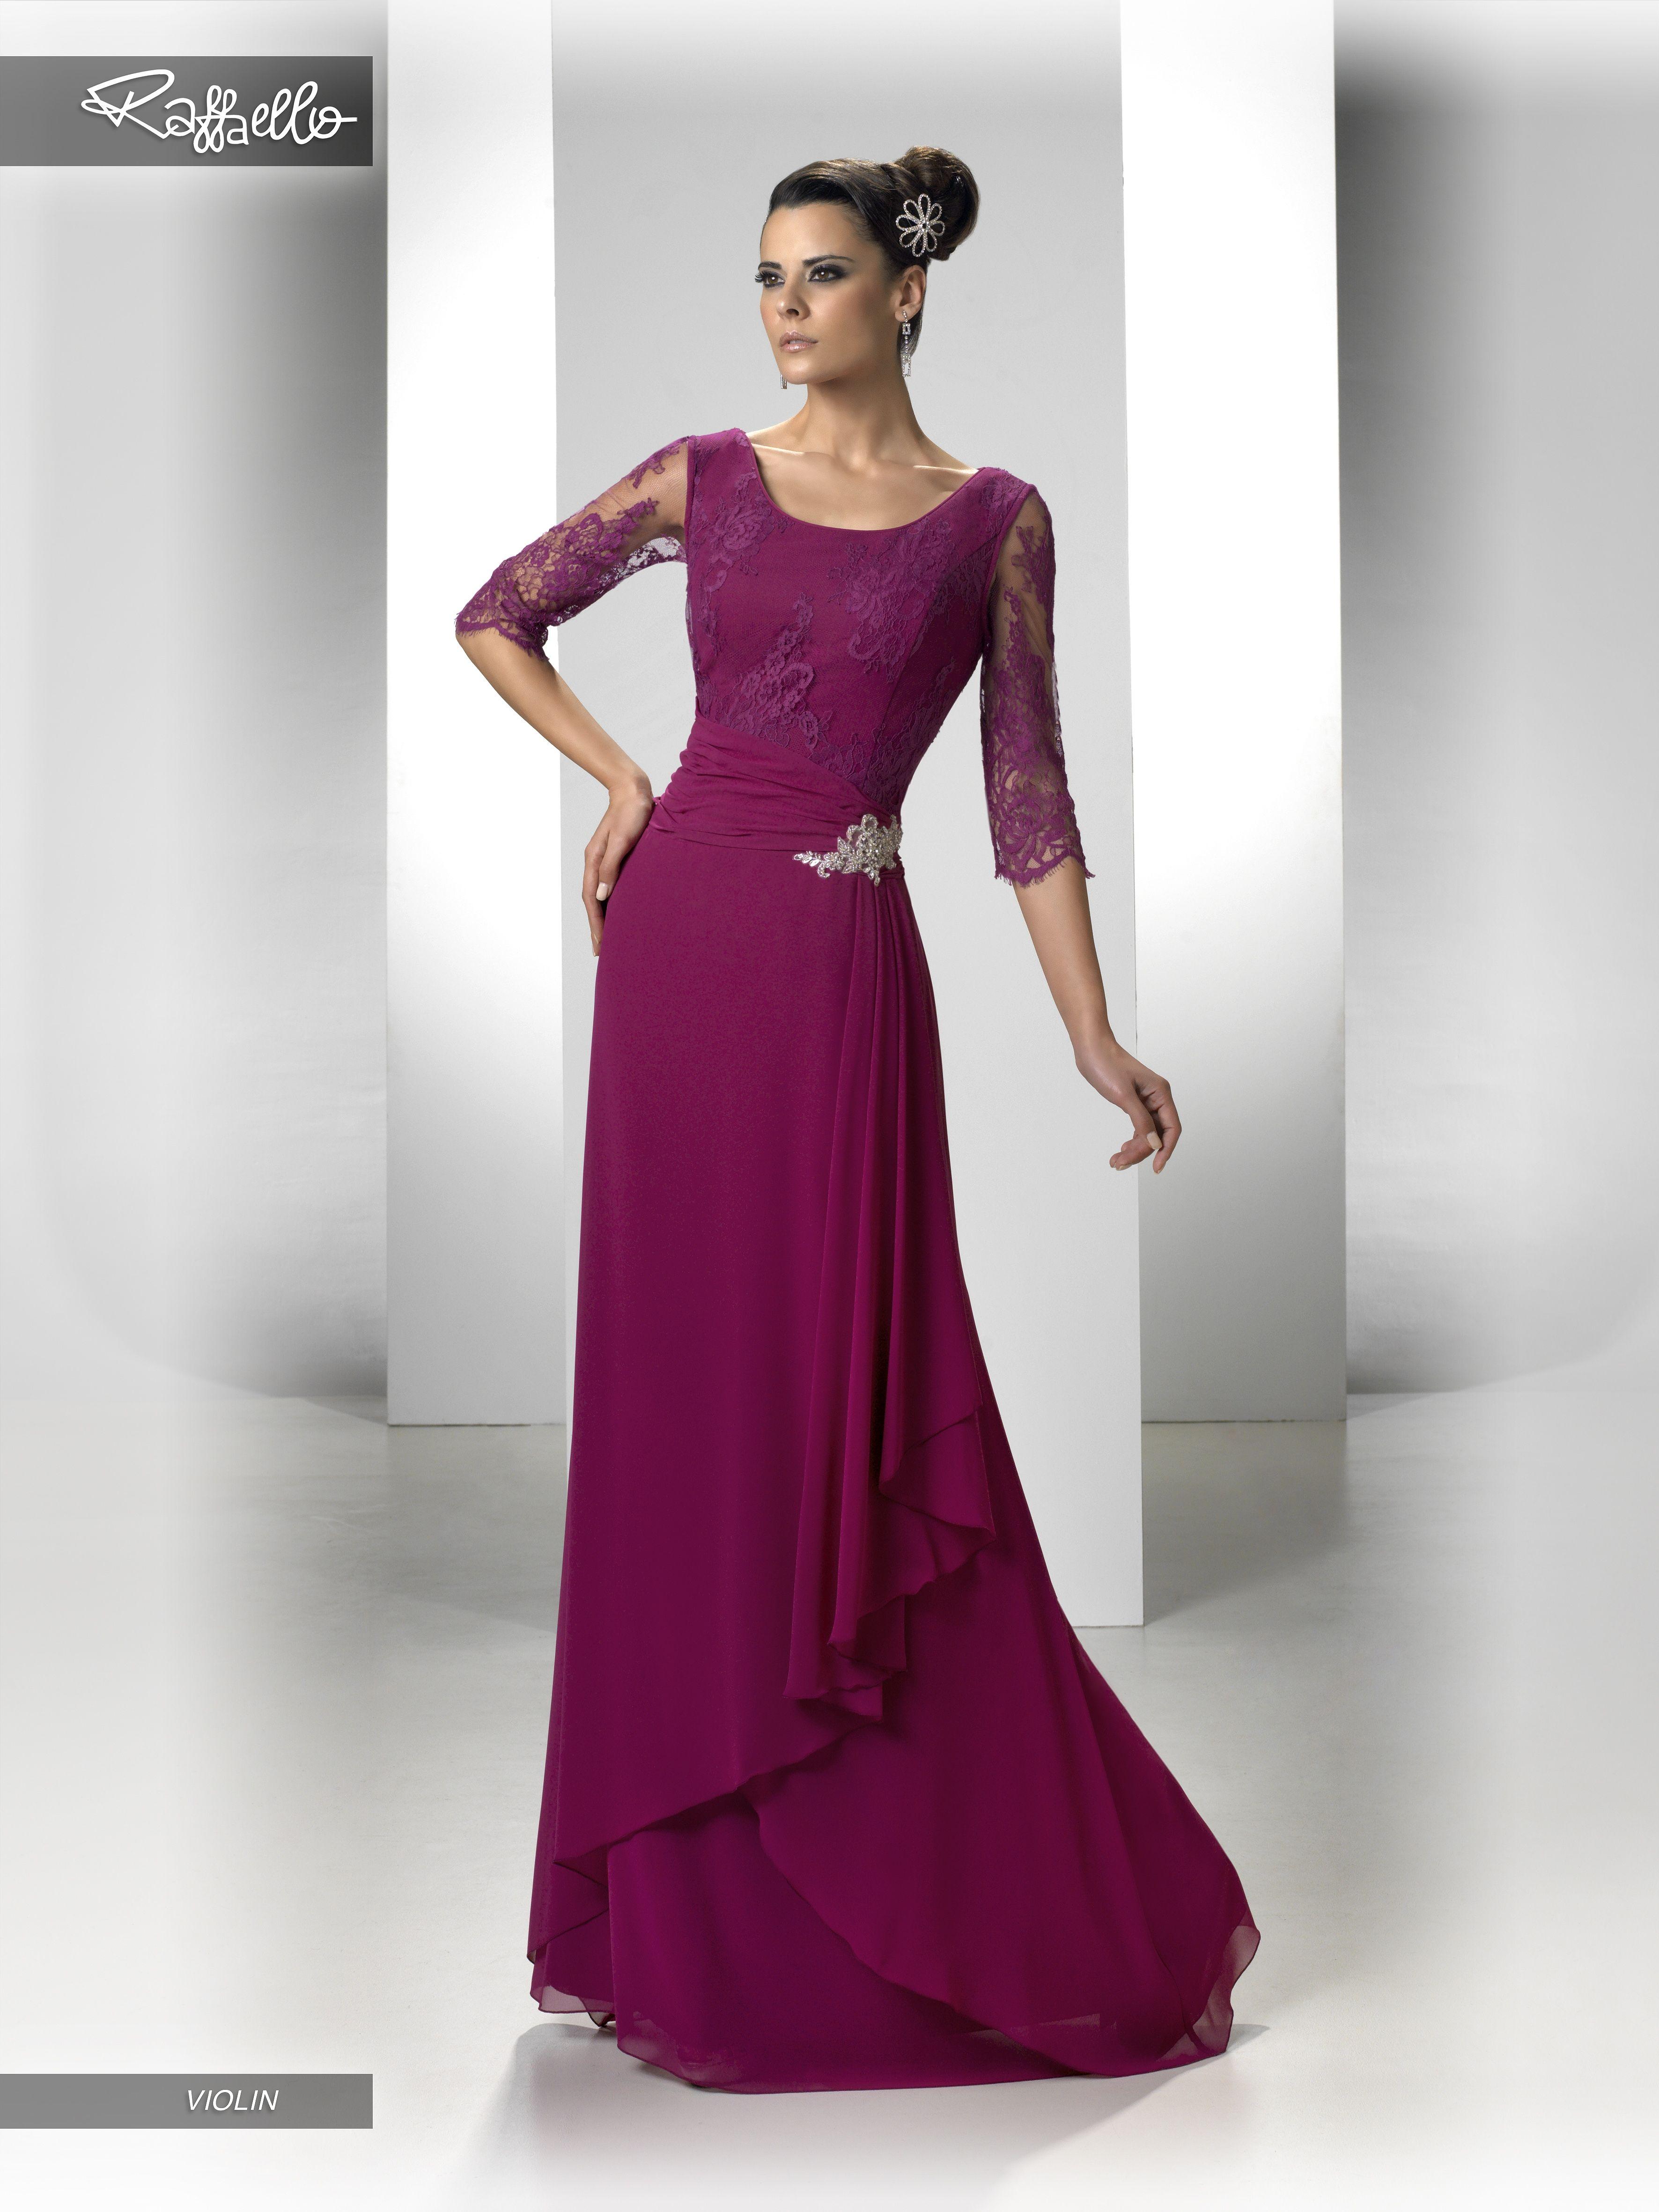 VIOLIN (Vestido de Fiesta). Diseñador: Raffaello. ... | Vestidos ...